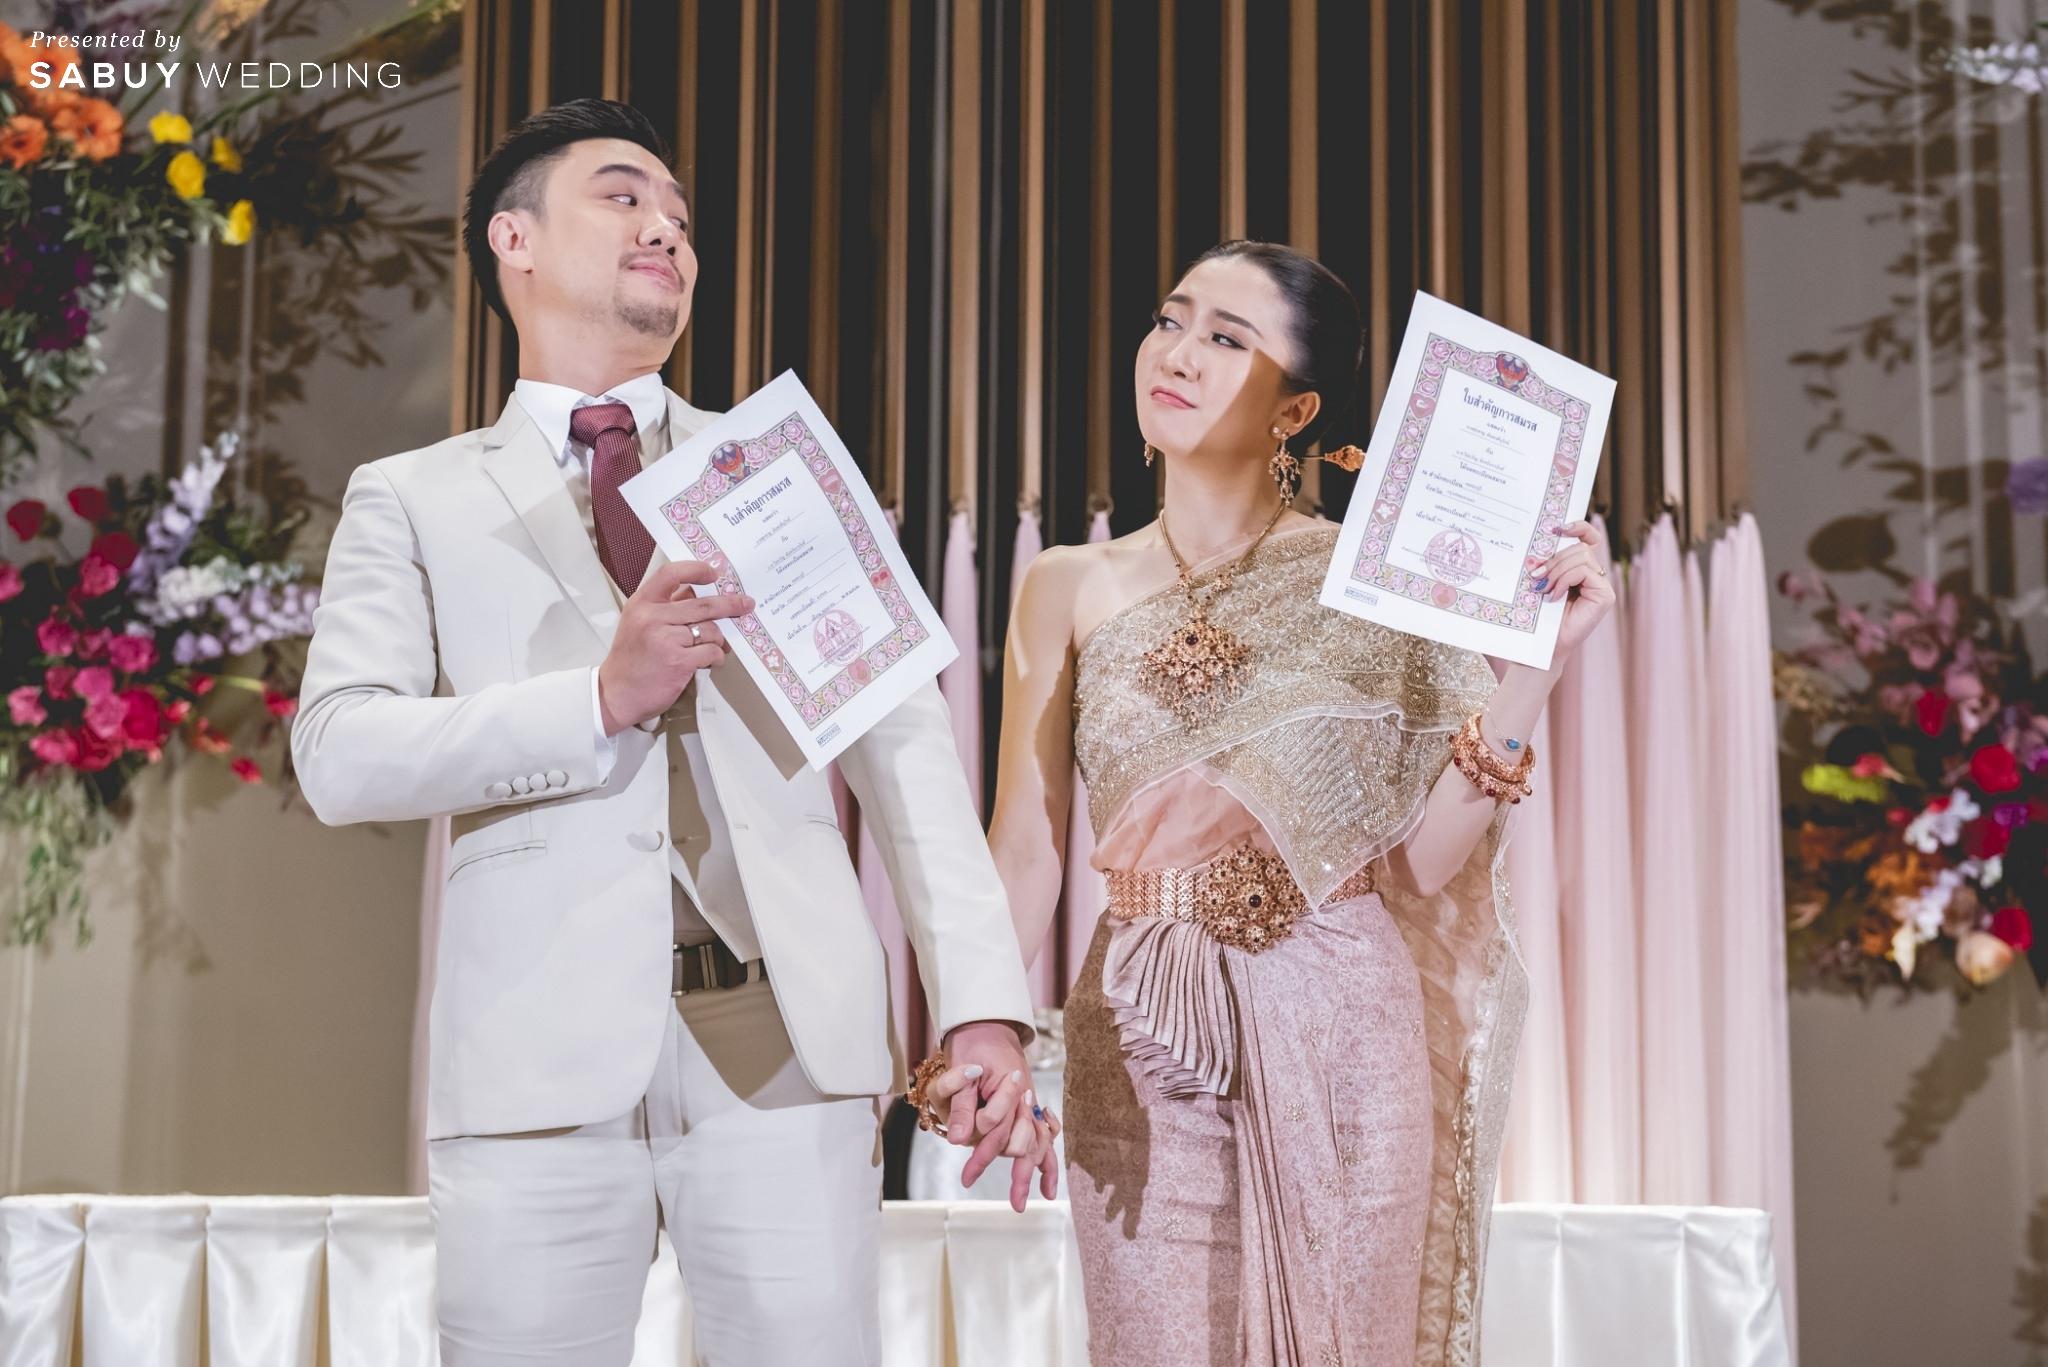 แต่งงาน,เจ้าบ่าว,เจ้าสาว รีวิวงานแต่งแซ่บจี๊ดใจ สวยสดใสด้วยโทนสี Colorful @ AVANI+ Riverside Bangkok Hotel